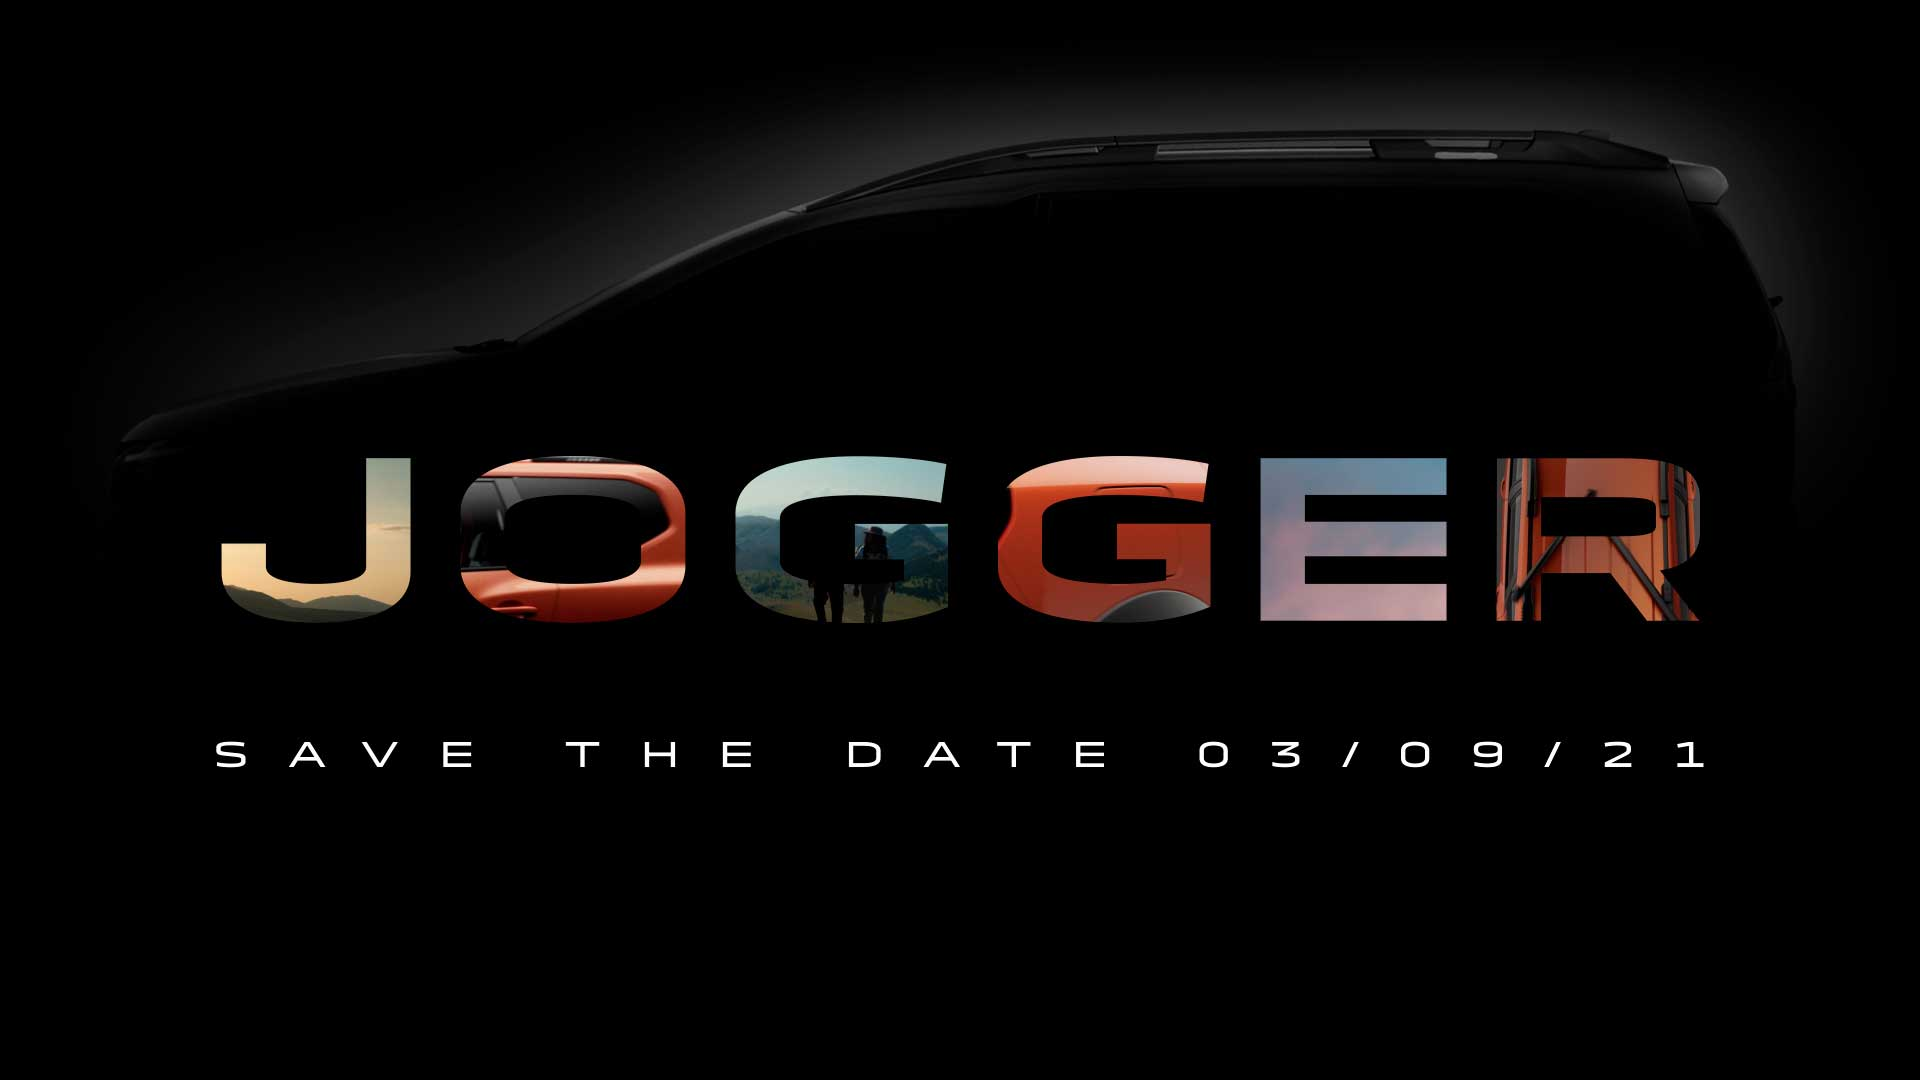 Dacia Jogger: ya conocemos el nombre del nuevo familiar de Dacia